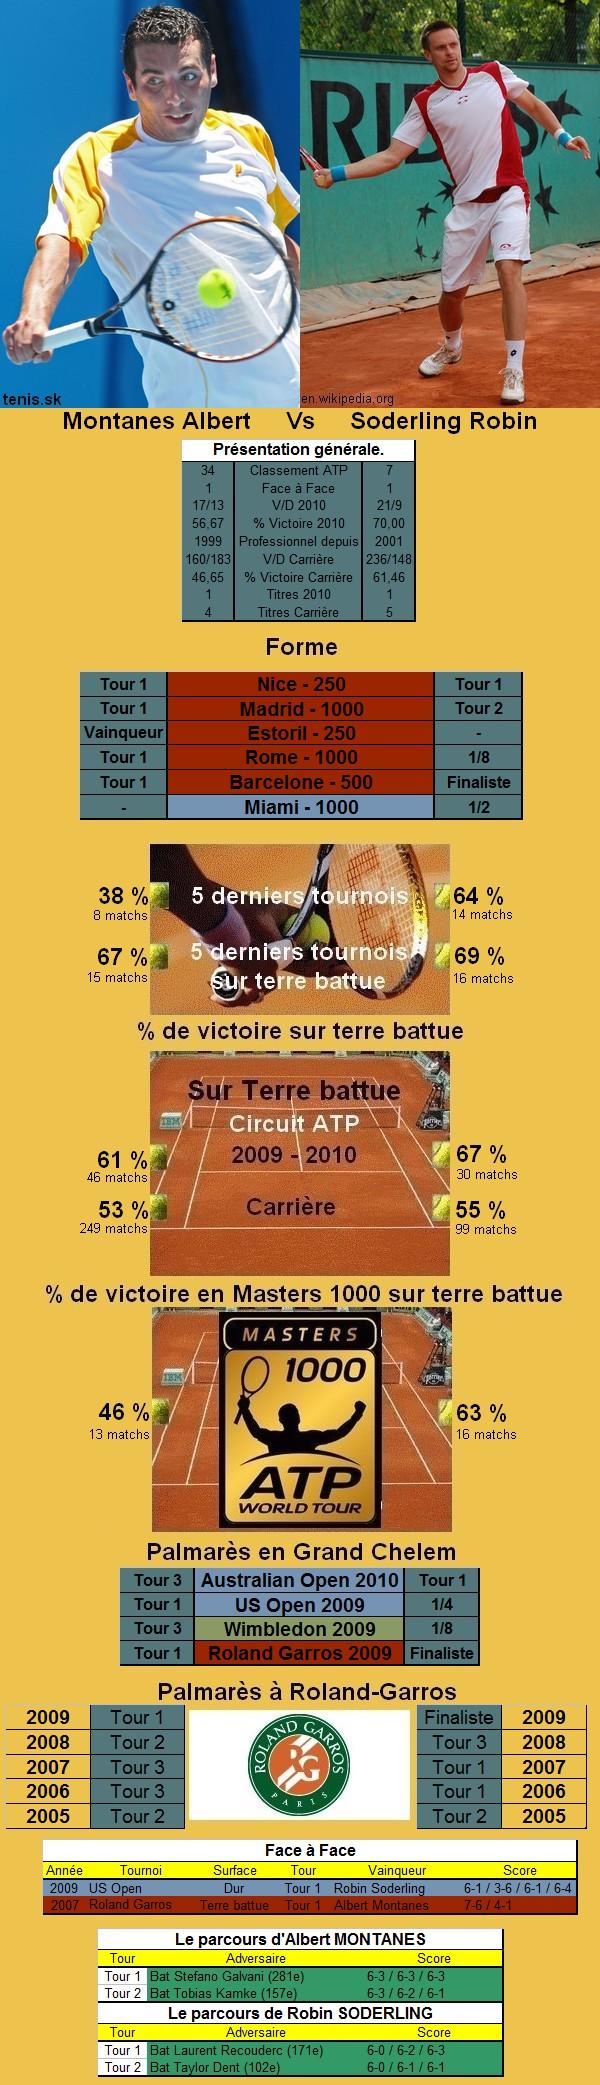 Statistiques tennis de Montanes contre Soderling à Roland Garros